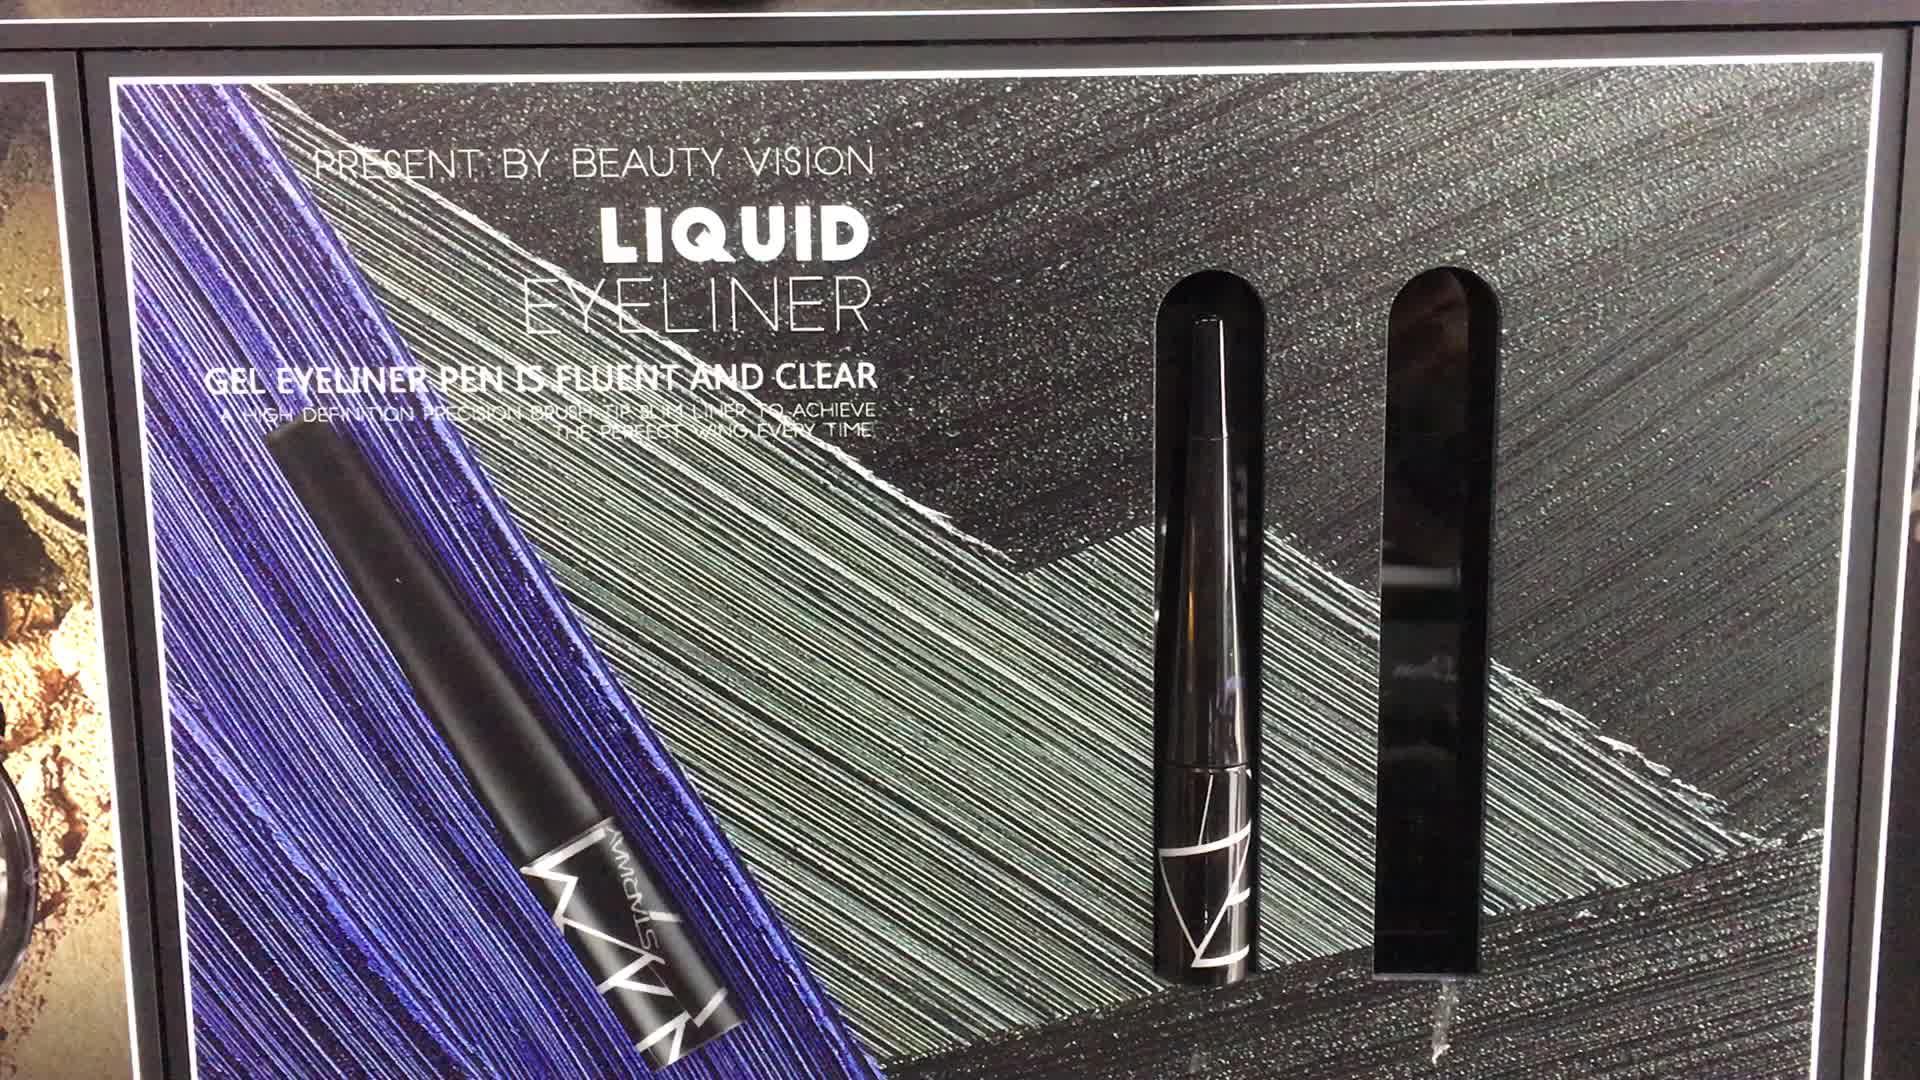 Göz Makyaj Yüksek Kalite Ile Kolayca Pigmentli Sıvı Eyeliner Ve alüminyum boru Sallanan Çelik Topu